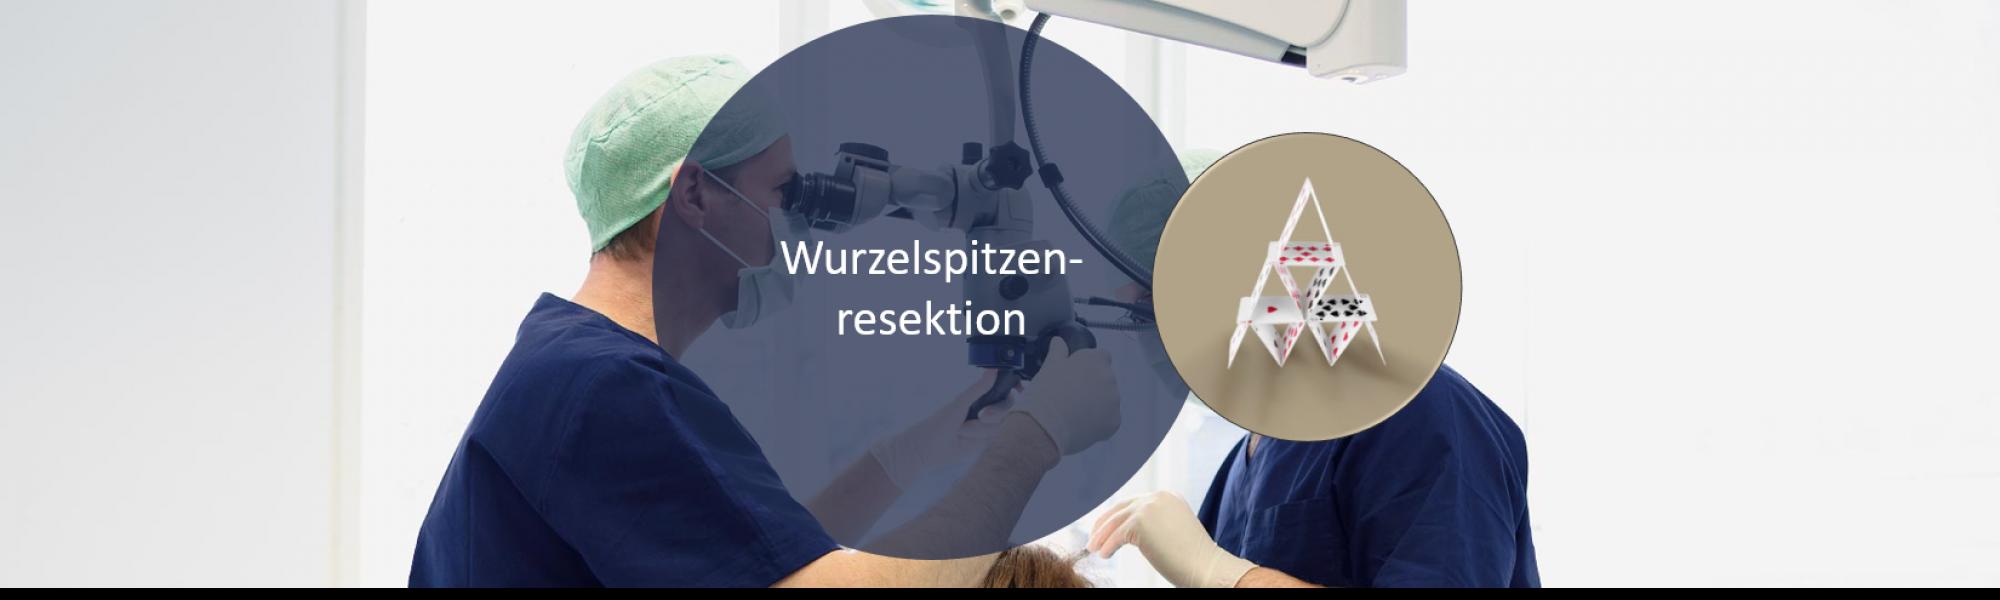 Oralchirurgie Wurzelspitzenresektion behandeln bei Groisman & Laube